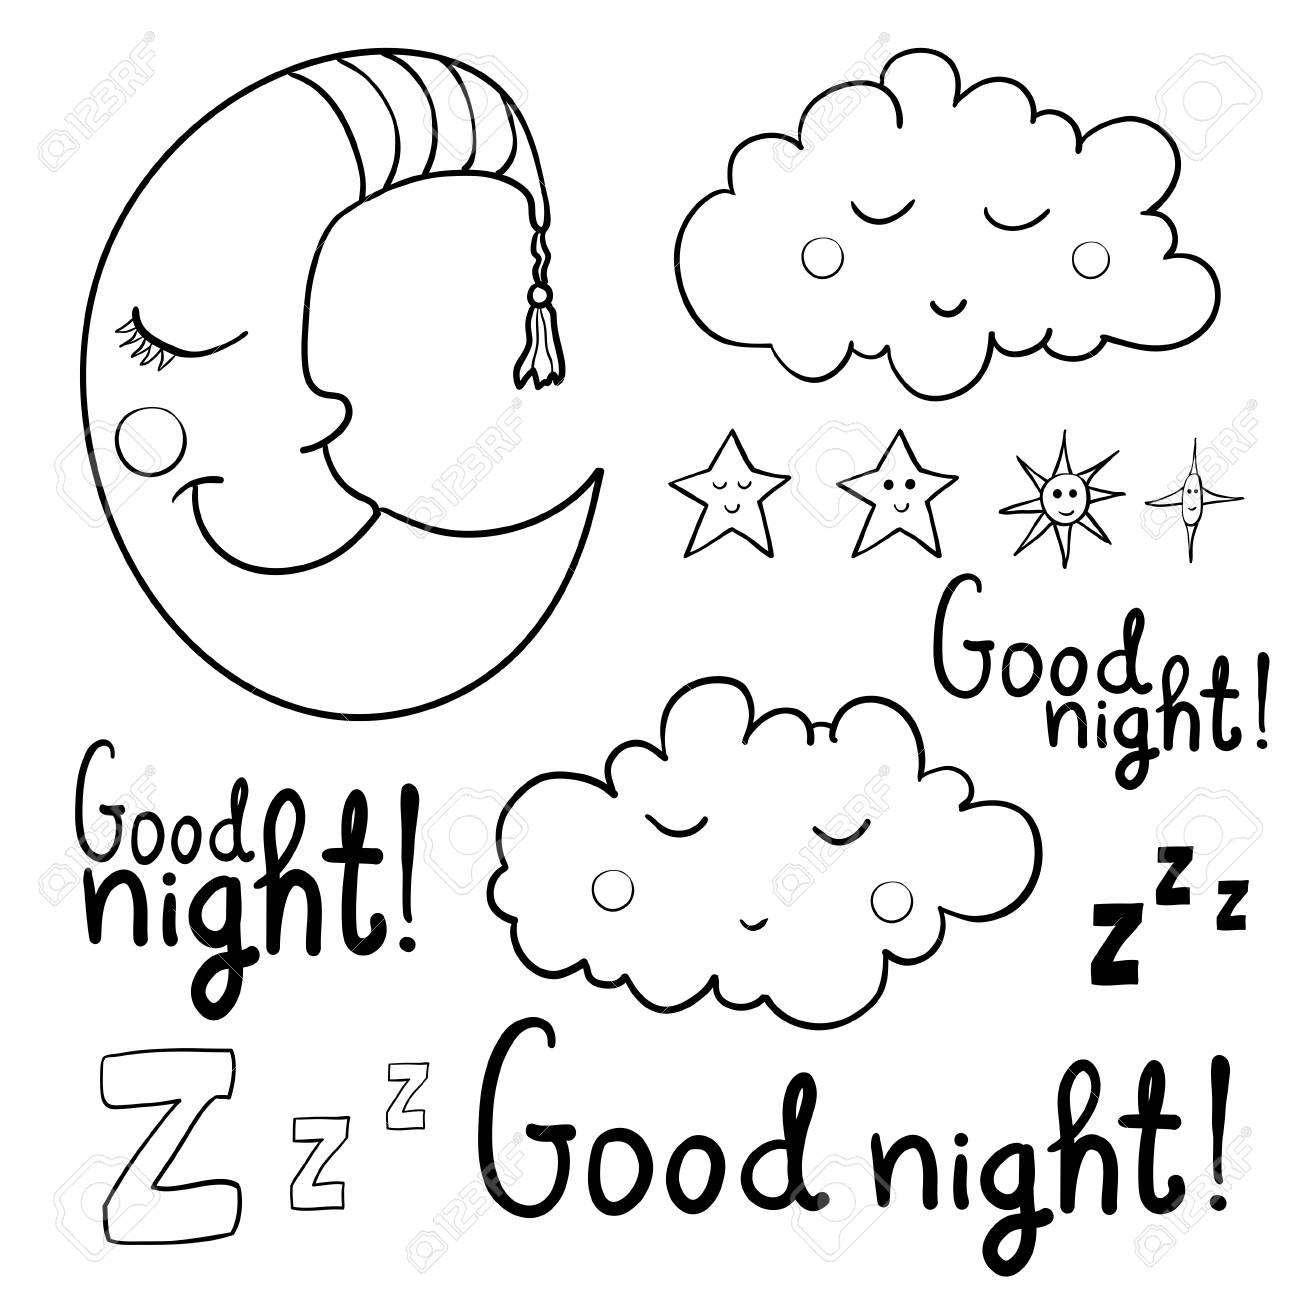 Conjunto De Imágenes Sobre Dormir Para Colorear Buenas Noches